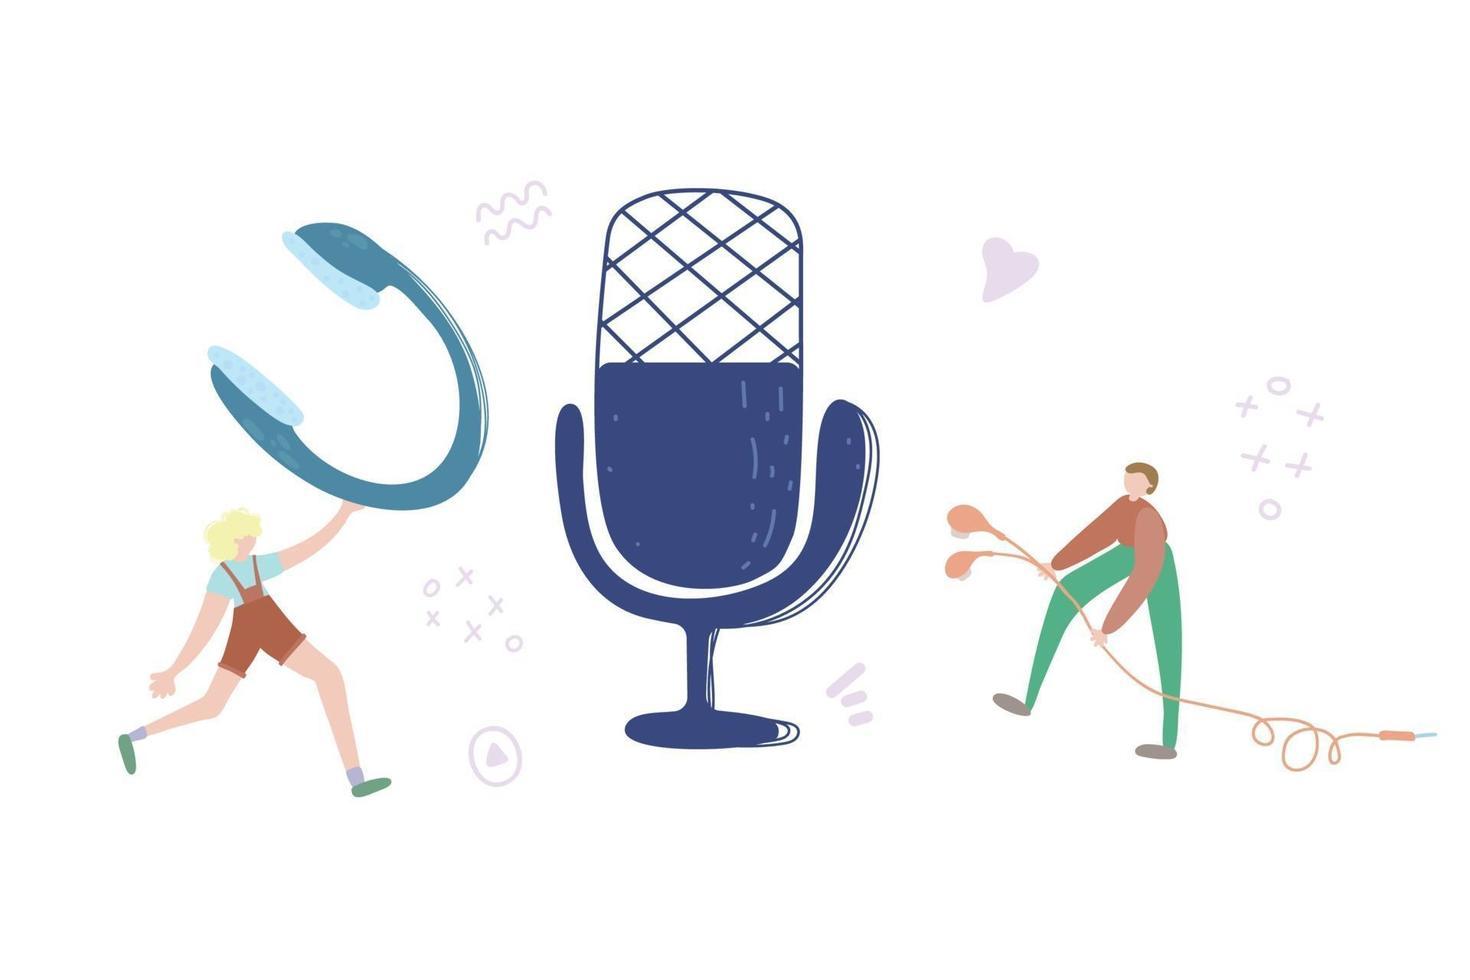 audiochat koncept, podcast show handritad platt vektorillustration. man med hörlurar och mikrofontecknad karaktär. internetradiosändning, abstrakt begrepp för multimediaunderhållning vektor